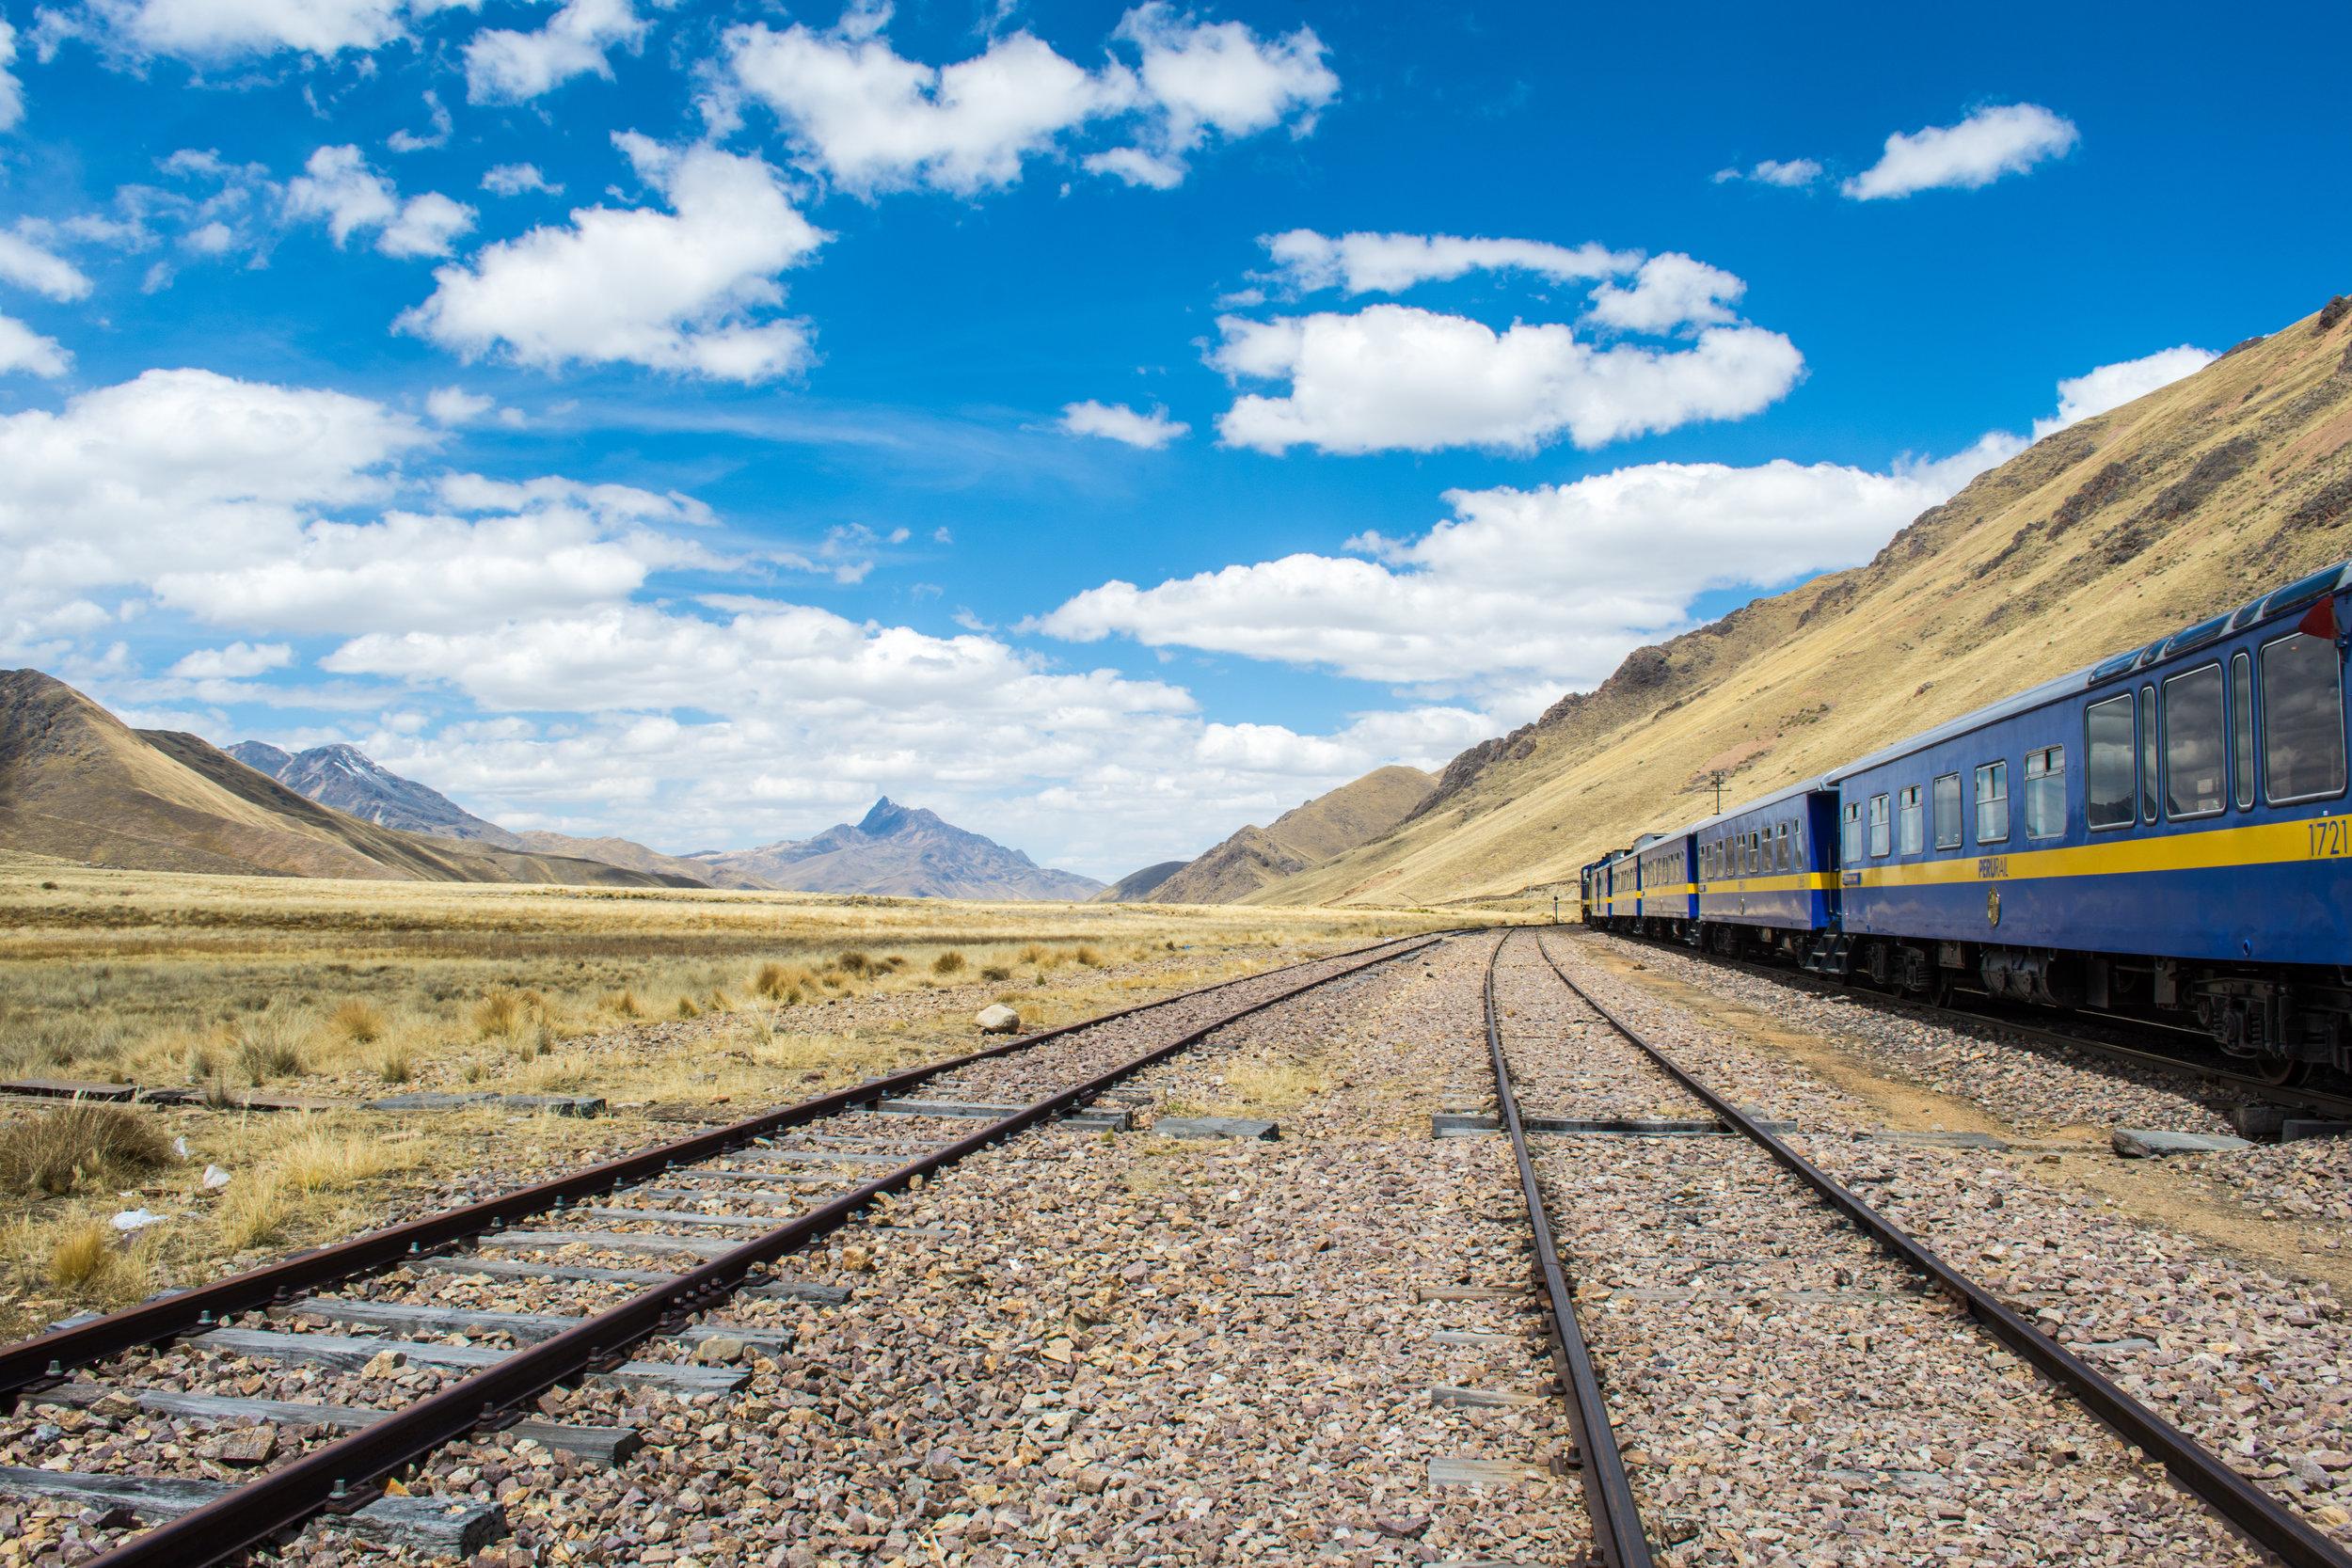 Luxury Perurail Lake Titicaca Train at La Raya Pass